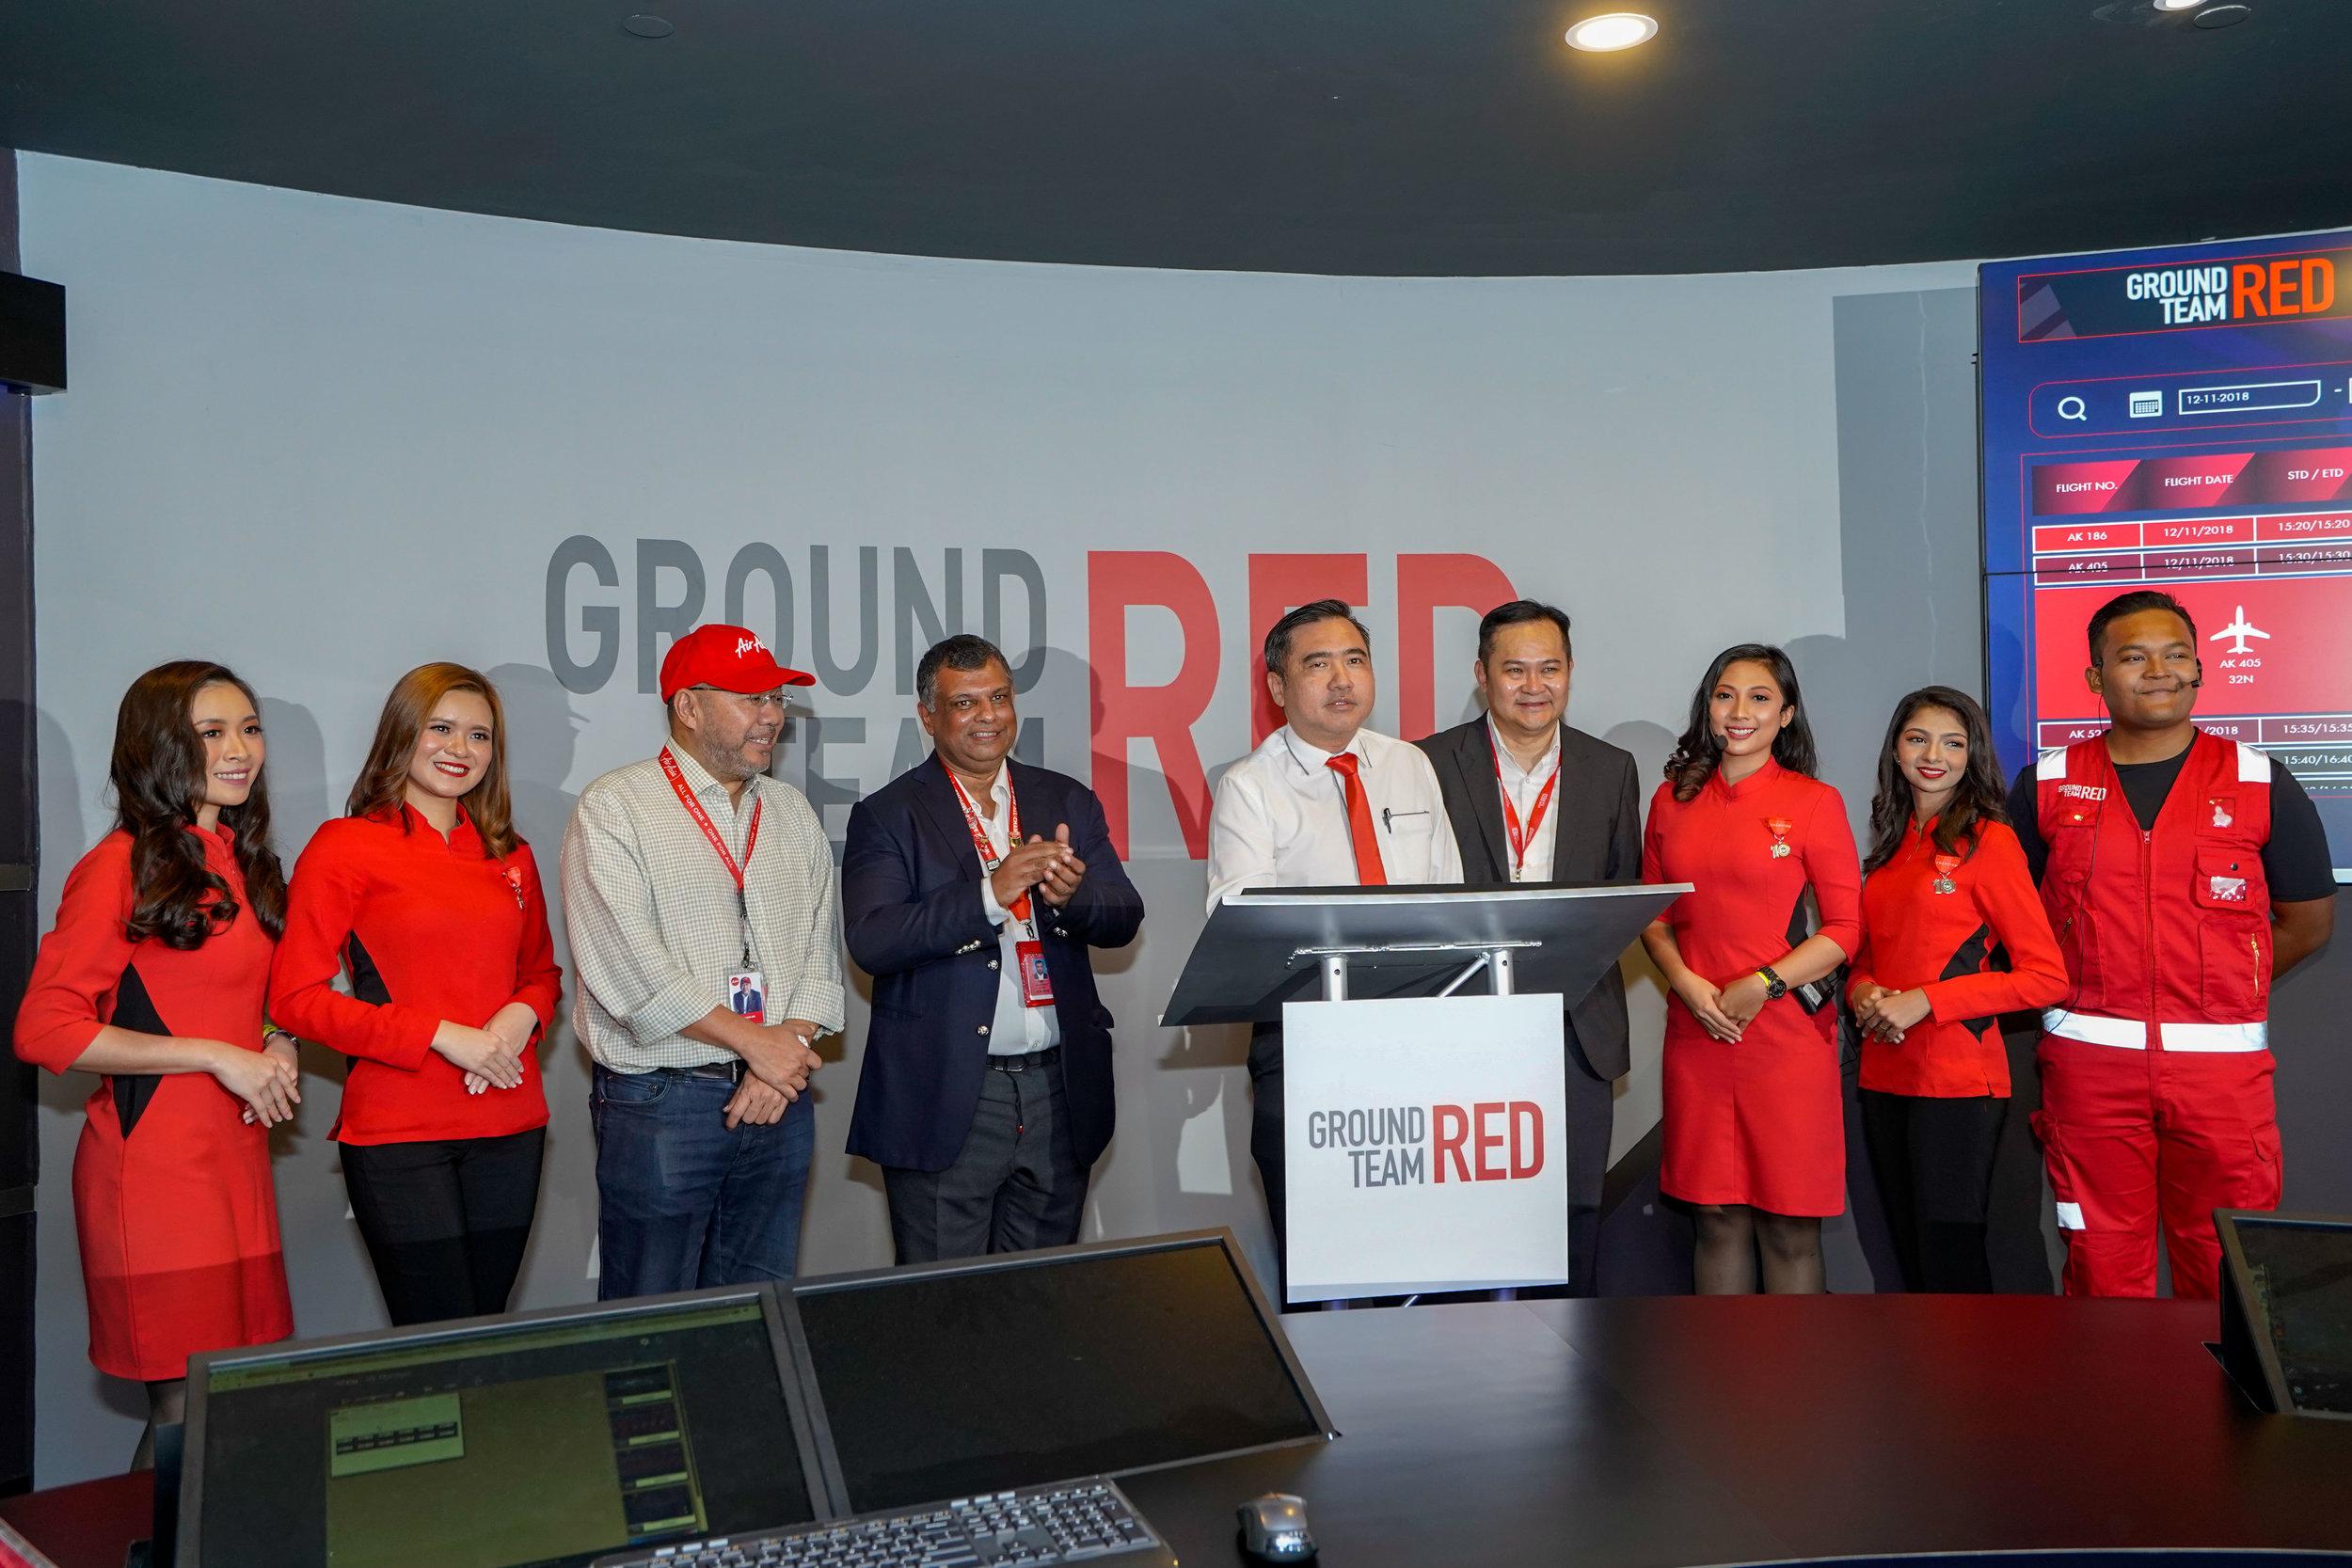 Pengerusi Eksekutif AirAsia Datuk Kamarudin Meranun, Ketua Pegawai Eksekutif Kumpulan AirAsia Tan Sri Tony Fernandes, Menteri Pengangkutan YB Loke Siew Fook dan Ketua Pegawai Eksekutif GTR Kevin Chin di majlis pelancaran pusat kawalan lapangan terbang Ground Team Red di klia2.